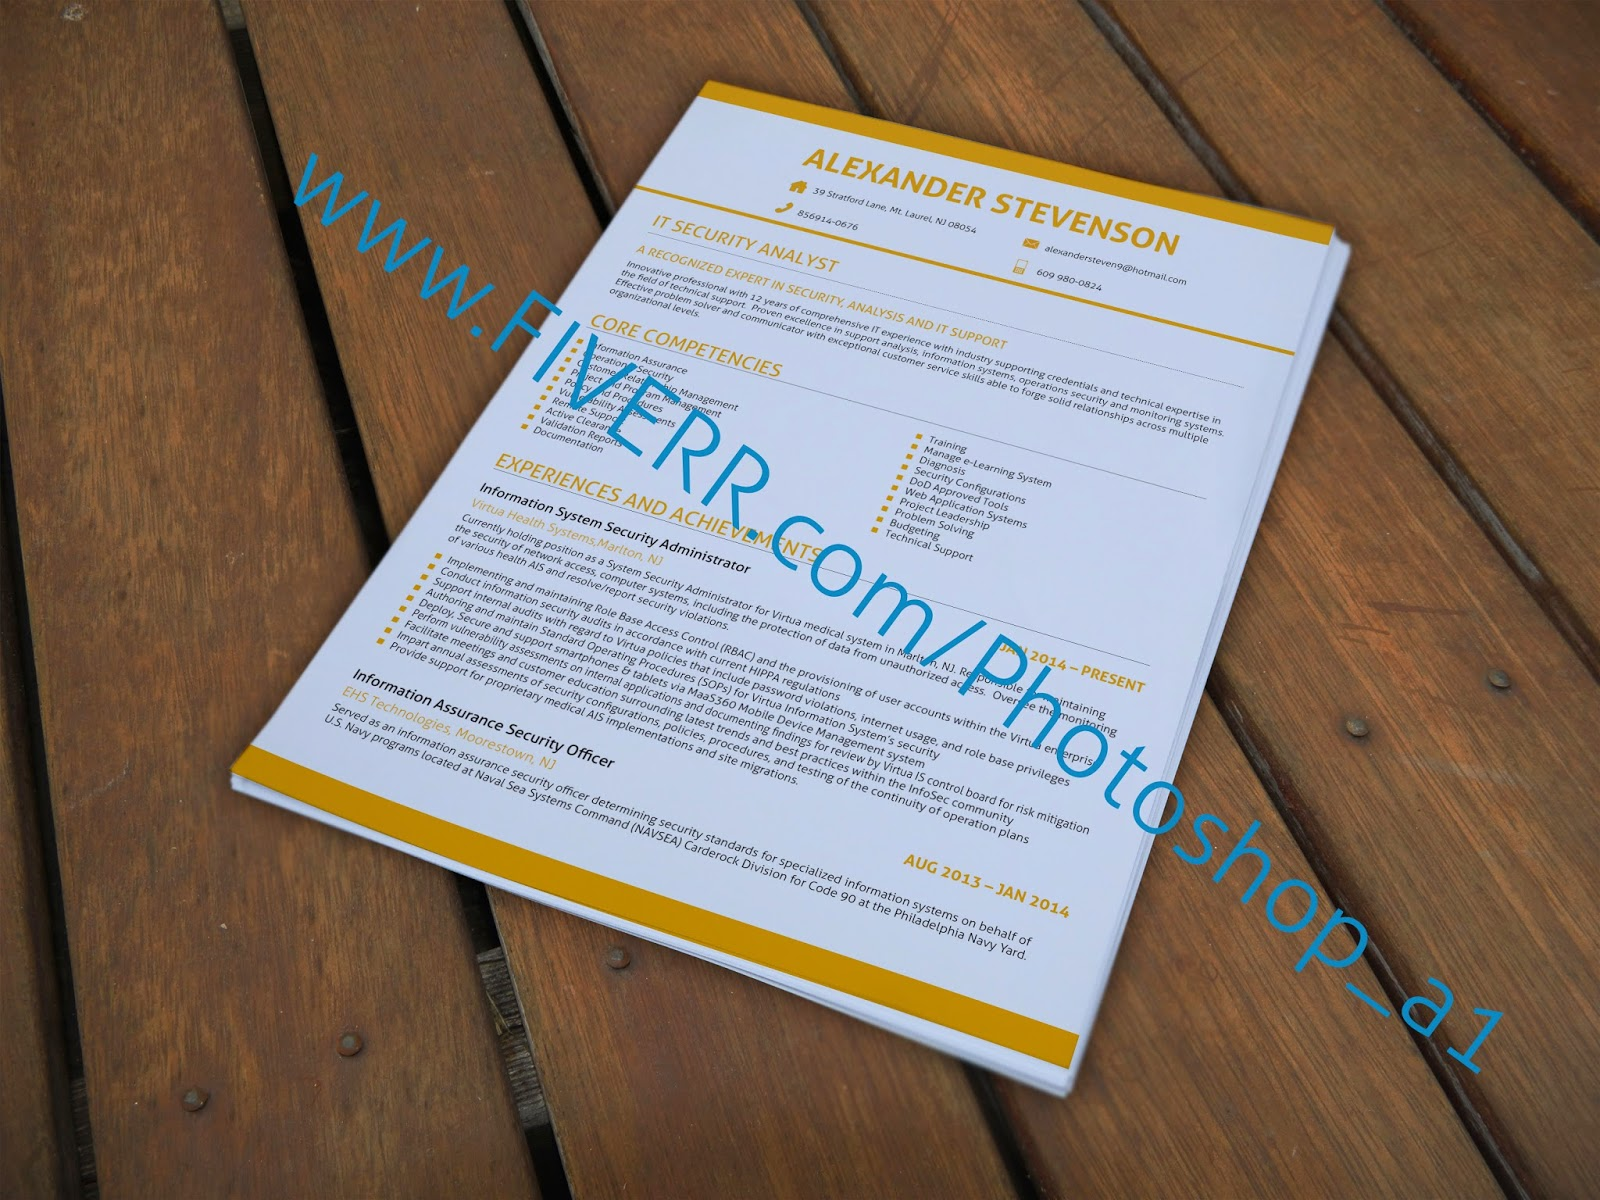 online resume cv design alexander stevenson resume design